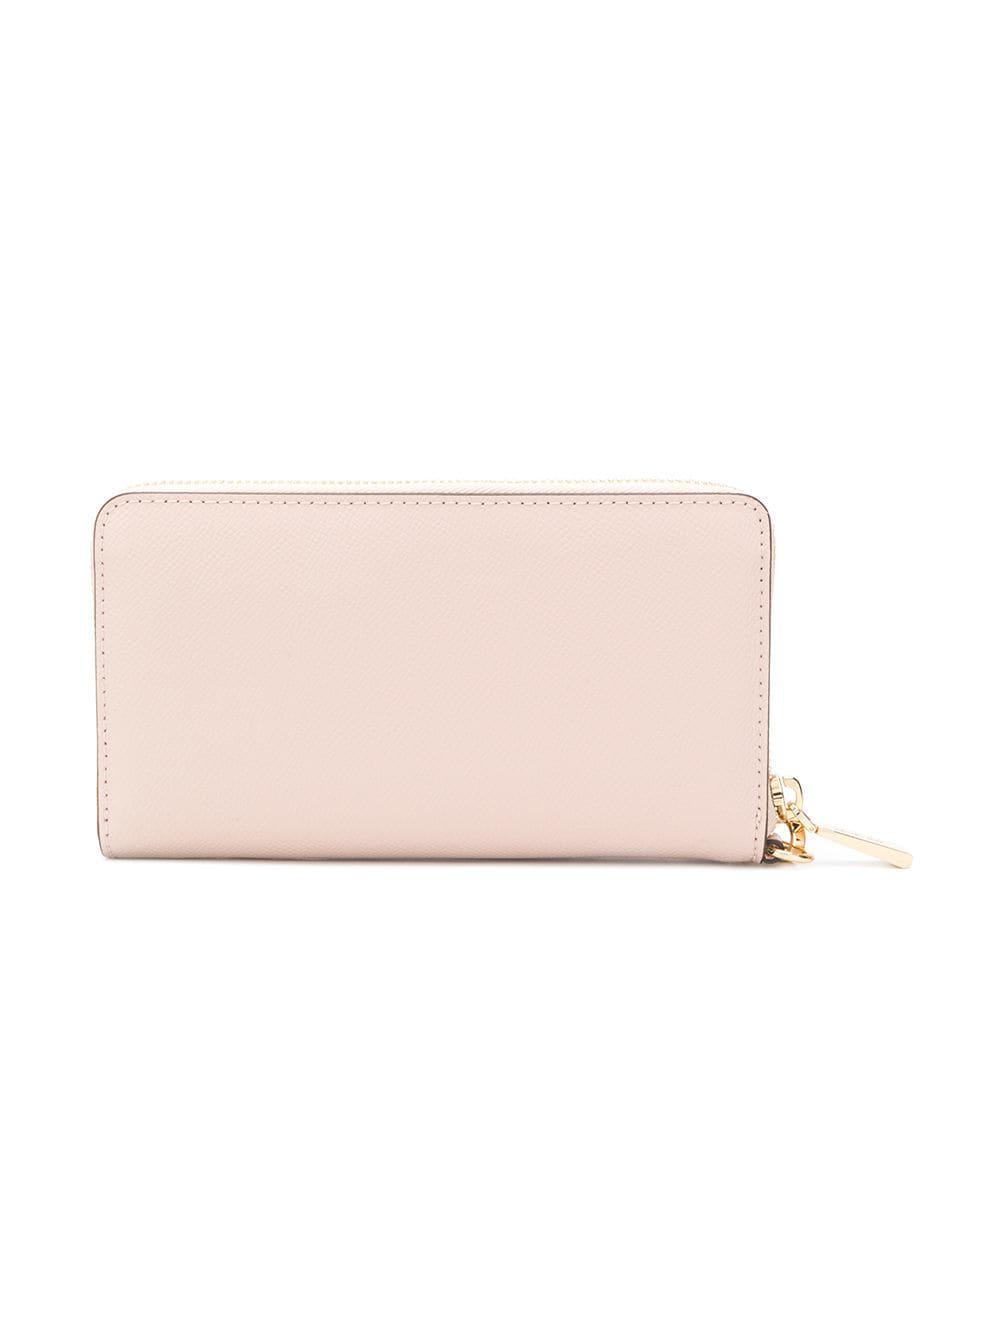 1748bd3a299b MICHAEL Michael Kors - Pink Leather Wristlet Pouch - Lyst. View fullscreen